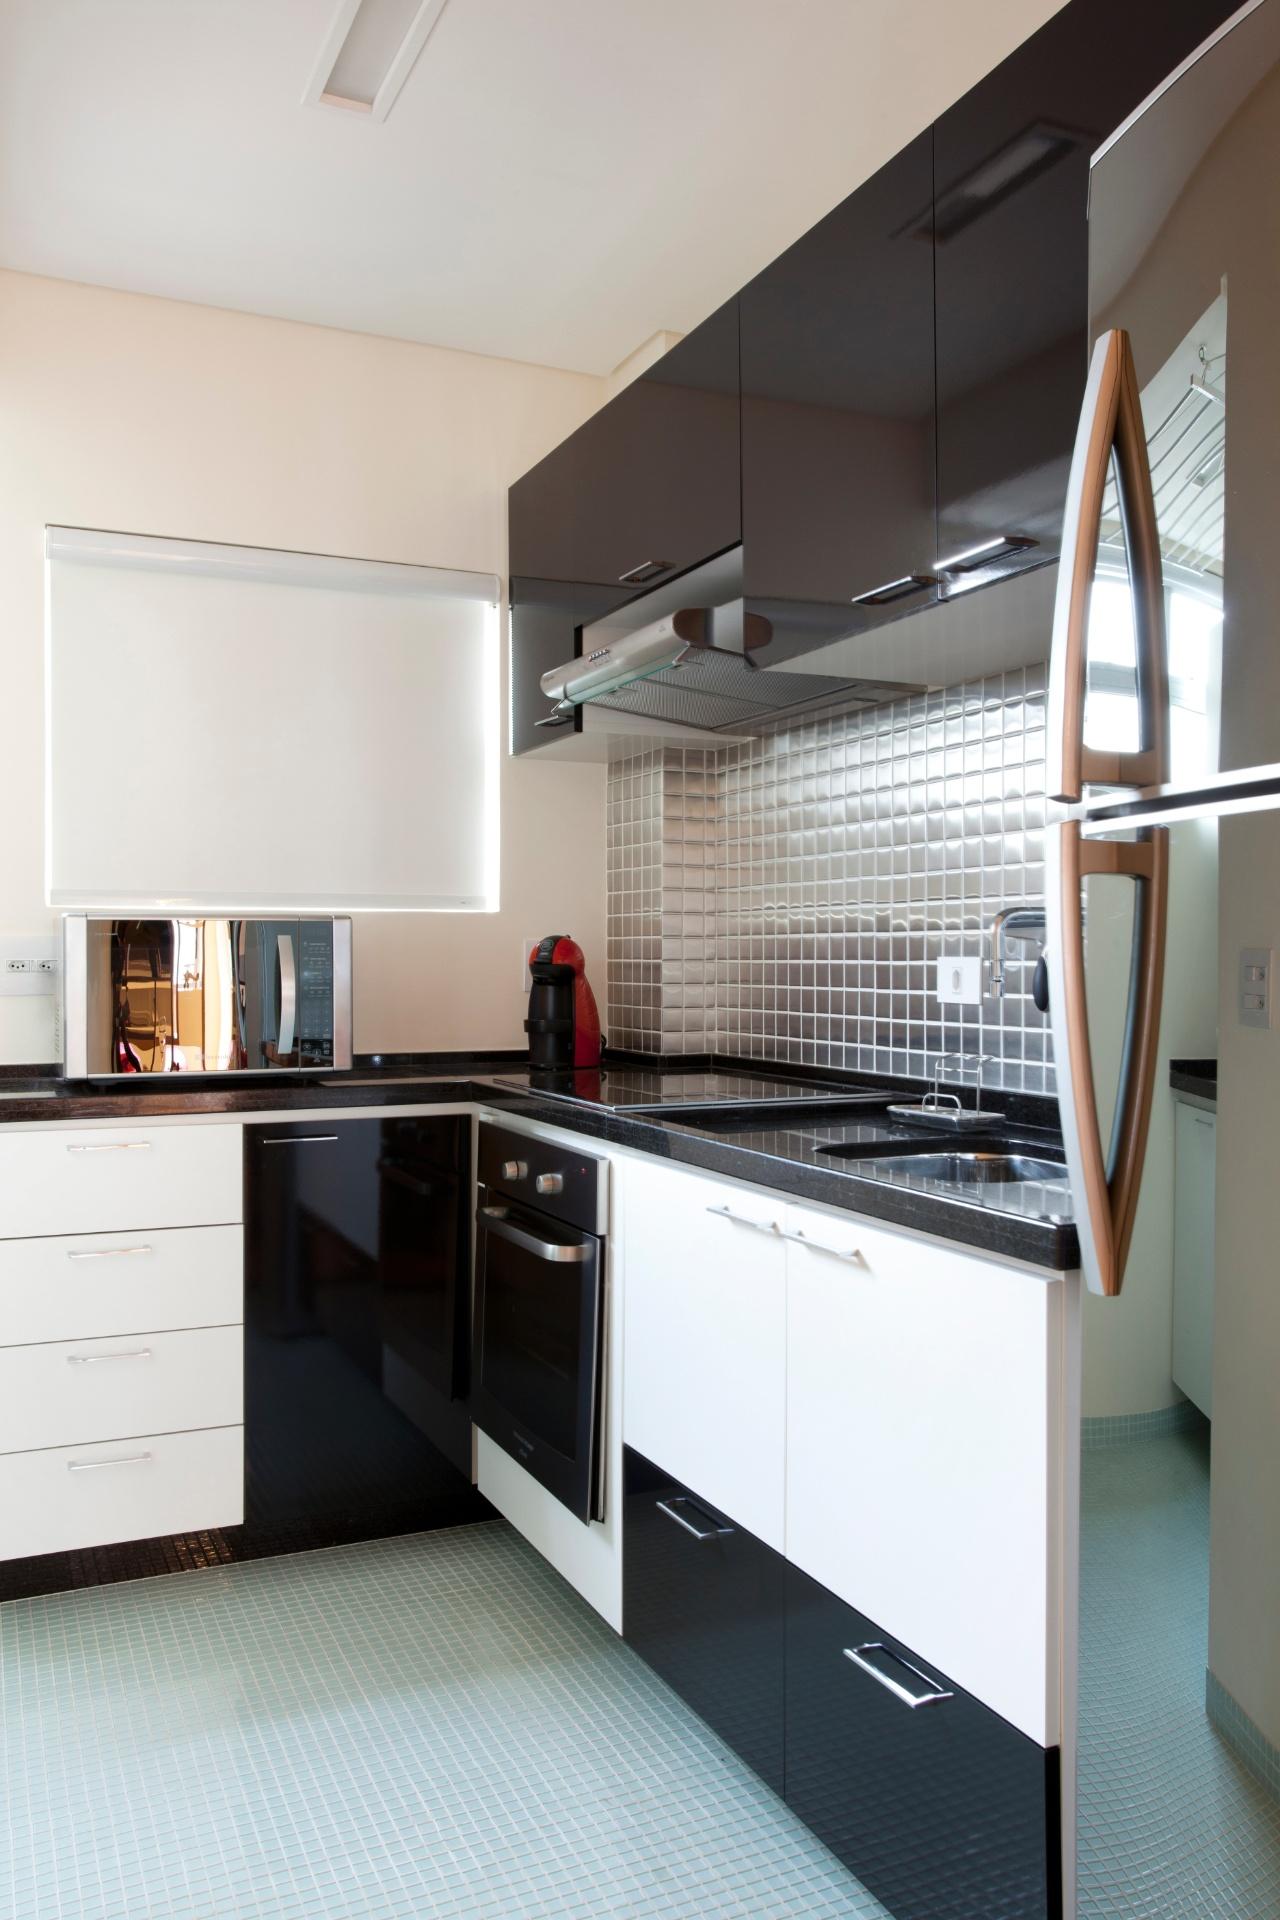 cozinhar em casa era preciso que a cozinha recebesse uma bancada em L  #614A3D 1280 1920